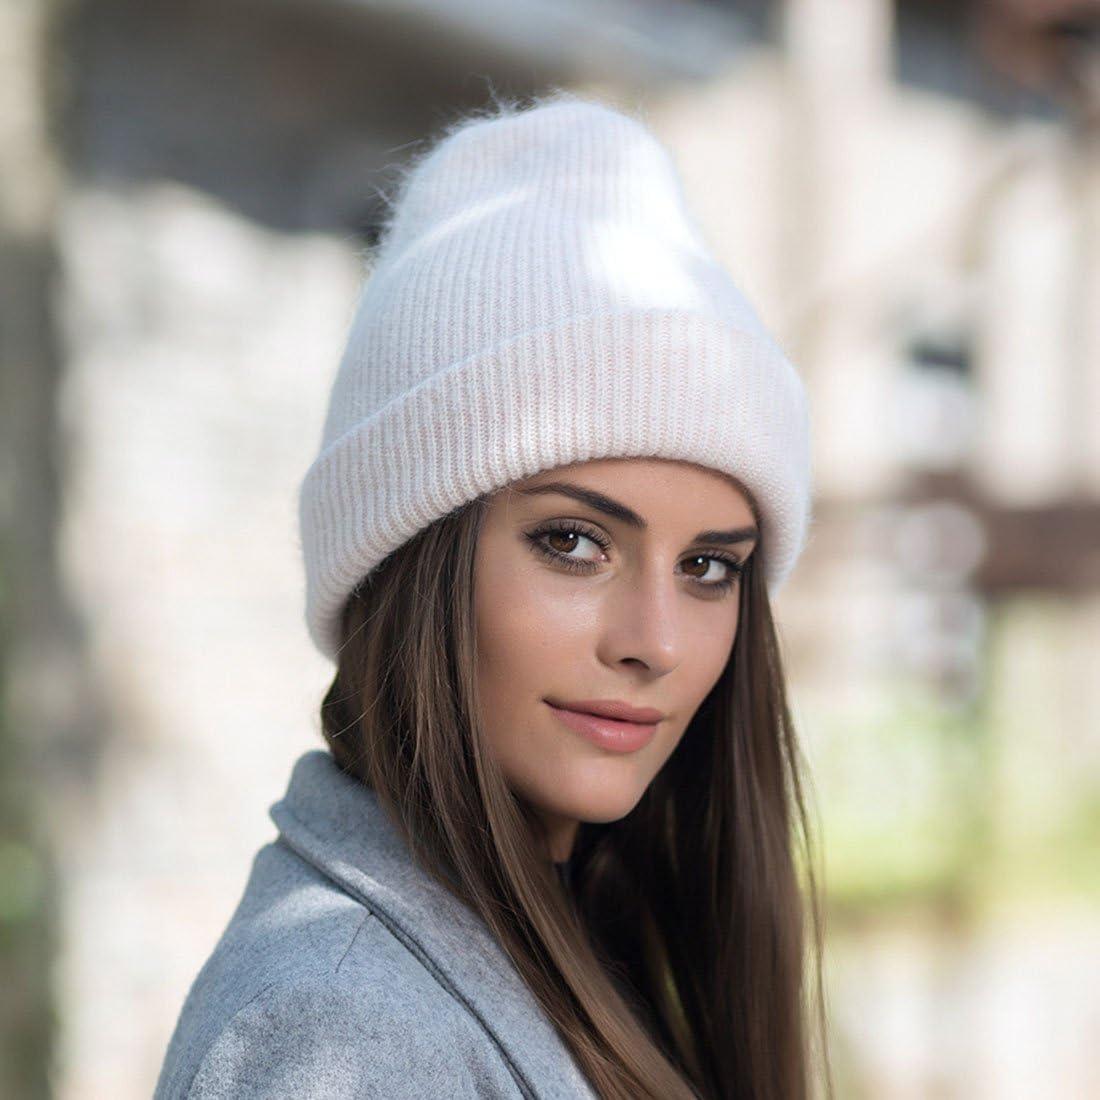 GWELL Femme Bonnet Tricot/é Chapeau Polaire Chaud Hiver en Coton Cachemire et Angora Fourrure de Lapin